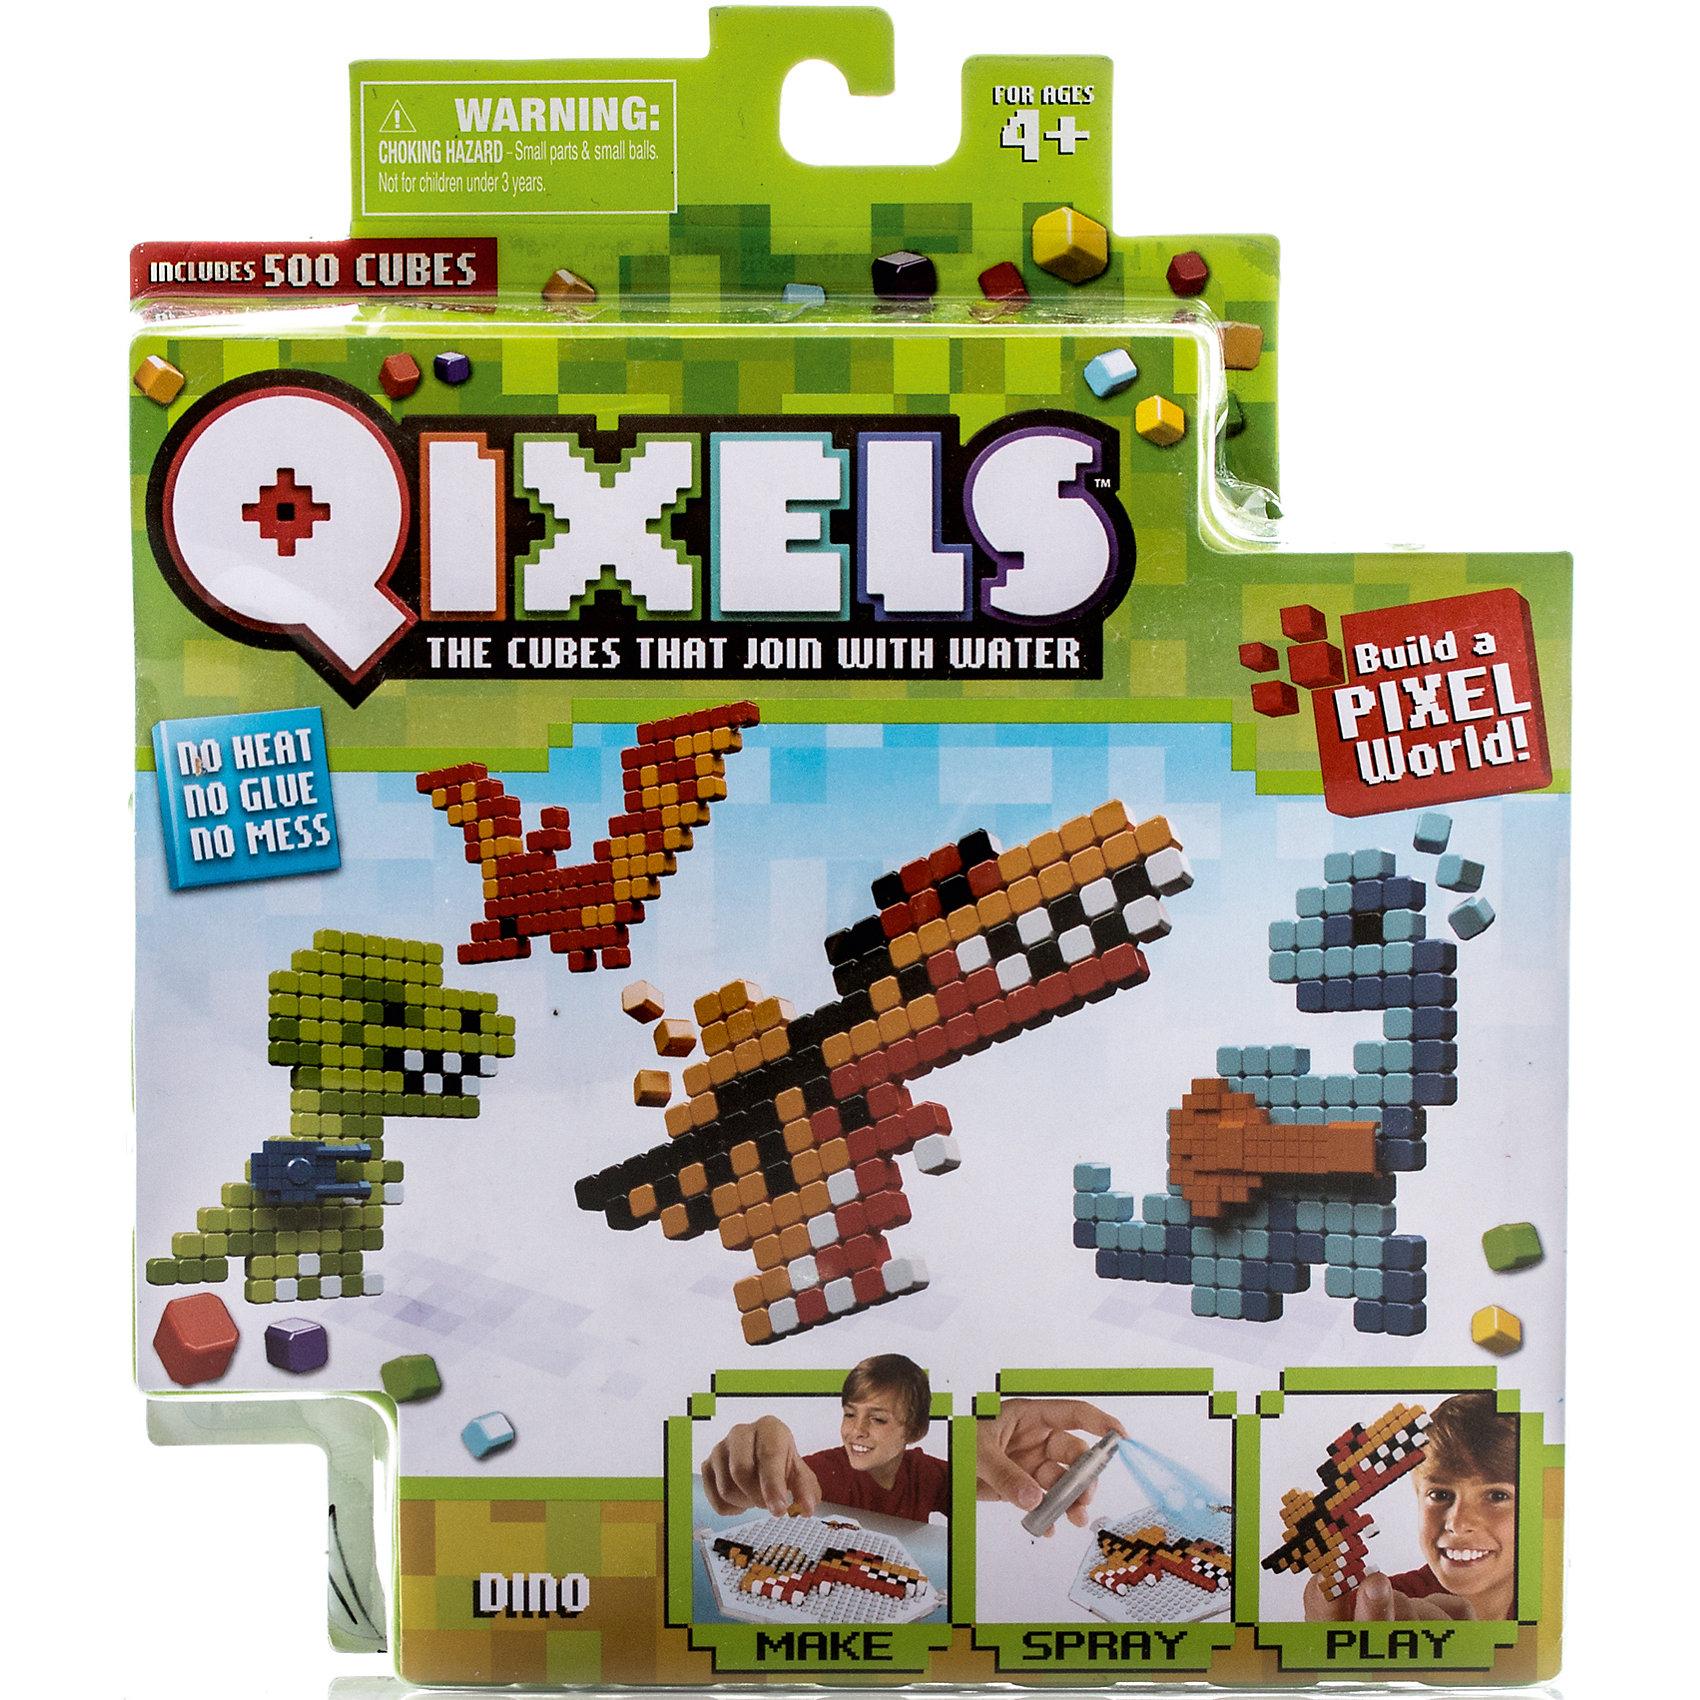 Набор для творчества Qixels ДинозаврыСоздание двухмерных фигурок из маленьких разноцветных кубиков – это новое хобби, которое непременно понравится Вам и Вашему ребенку. Тематический набор для творчества Qixels Динозавры позволит Вам сделать собственными руками забавные фигурки динозавриков. Соберите фигурку из ярких деталей по одному из 4-х лекал, входящих в комплект набора, после чего обрызгайте её водой из распылителя и подождите 30 минут. После высыхания, с полученной фигуркой можно играть как с самой обычной игрушкой! Кроме лекал, входящих в набор, Вы можете использовать свои собственные дизайн-лекала и собирать из кубиков Квикселс совершенно уникальных и неповторимых персонажей.<br>В комплект набора входит:<br>500 x кубиков<br>1 x дизайн лоток<br>4 x цветных дизайн лекала<br>1 x опора<br>1 x база<br>2 x аксессуара<br>1 x бирка с нитью<br>1 x распылитель для воды<br>1 x инструкция<br><br>Ширина мм: 40<br>Глубина мм: 215<br>Высота мм: 185<br>Вес г: 233<br>Возраст от месяцев: 72<br>Возраст до месяцев: 180<br>Пол: Унисекс<br>Возраст: Детский<br>SKU: 5032648